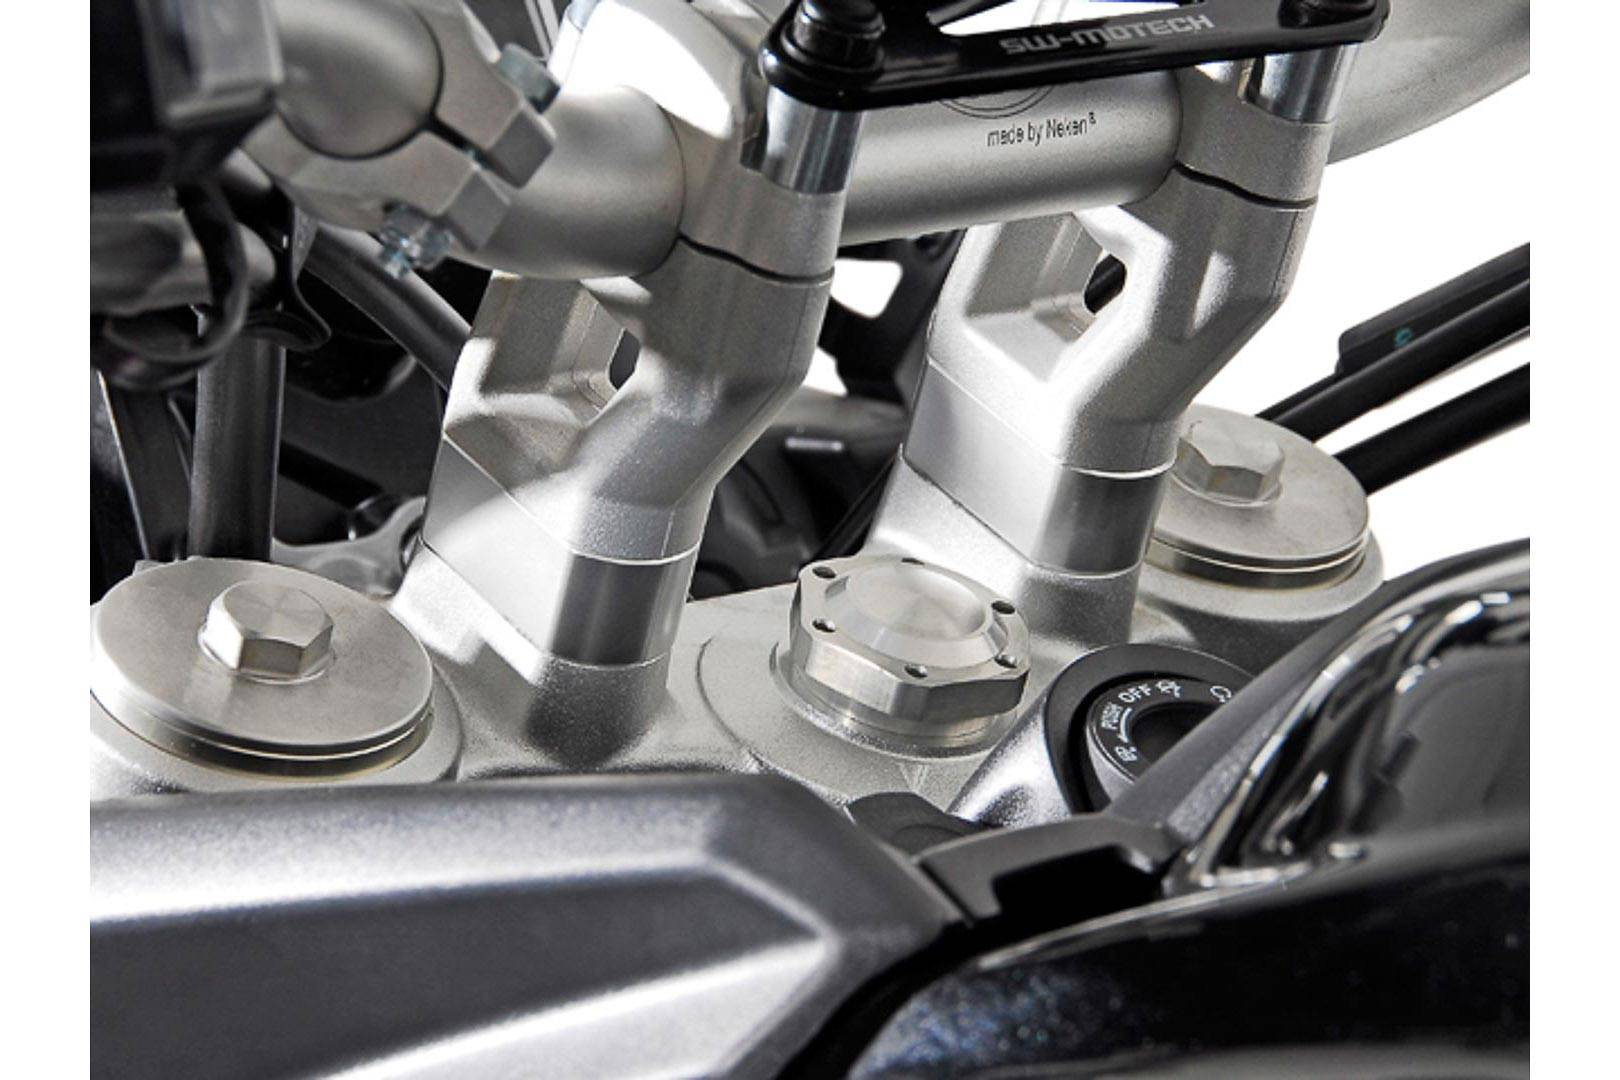 SW-Motech Elevador de manillar - h=20 mm. Plateado. Modelos Triumph ...